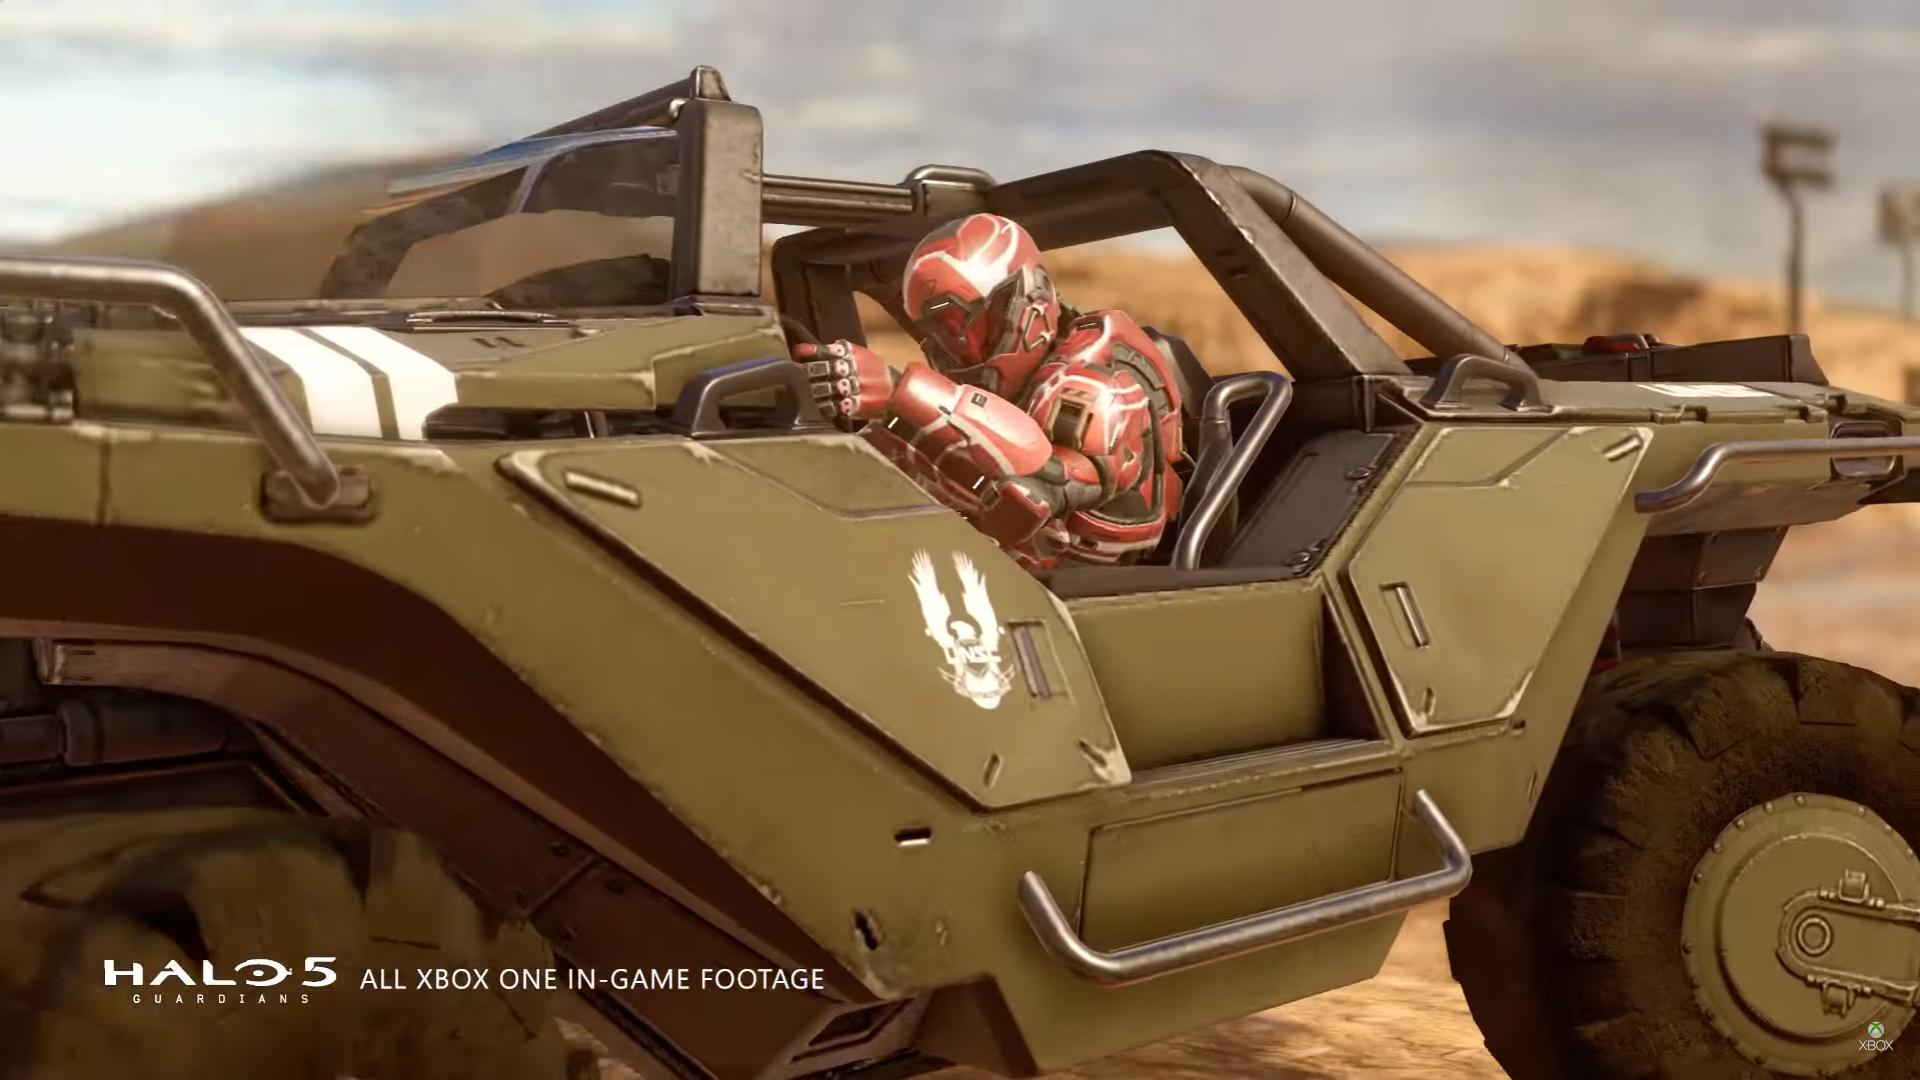 Microsoft presenta el M12S Warthog CST, el famoso vehículo de Halo para Forza Horizon 3. Entérate como conseguirlo